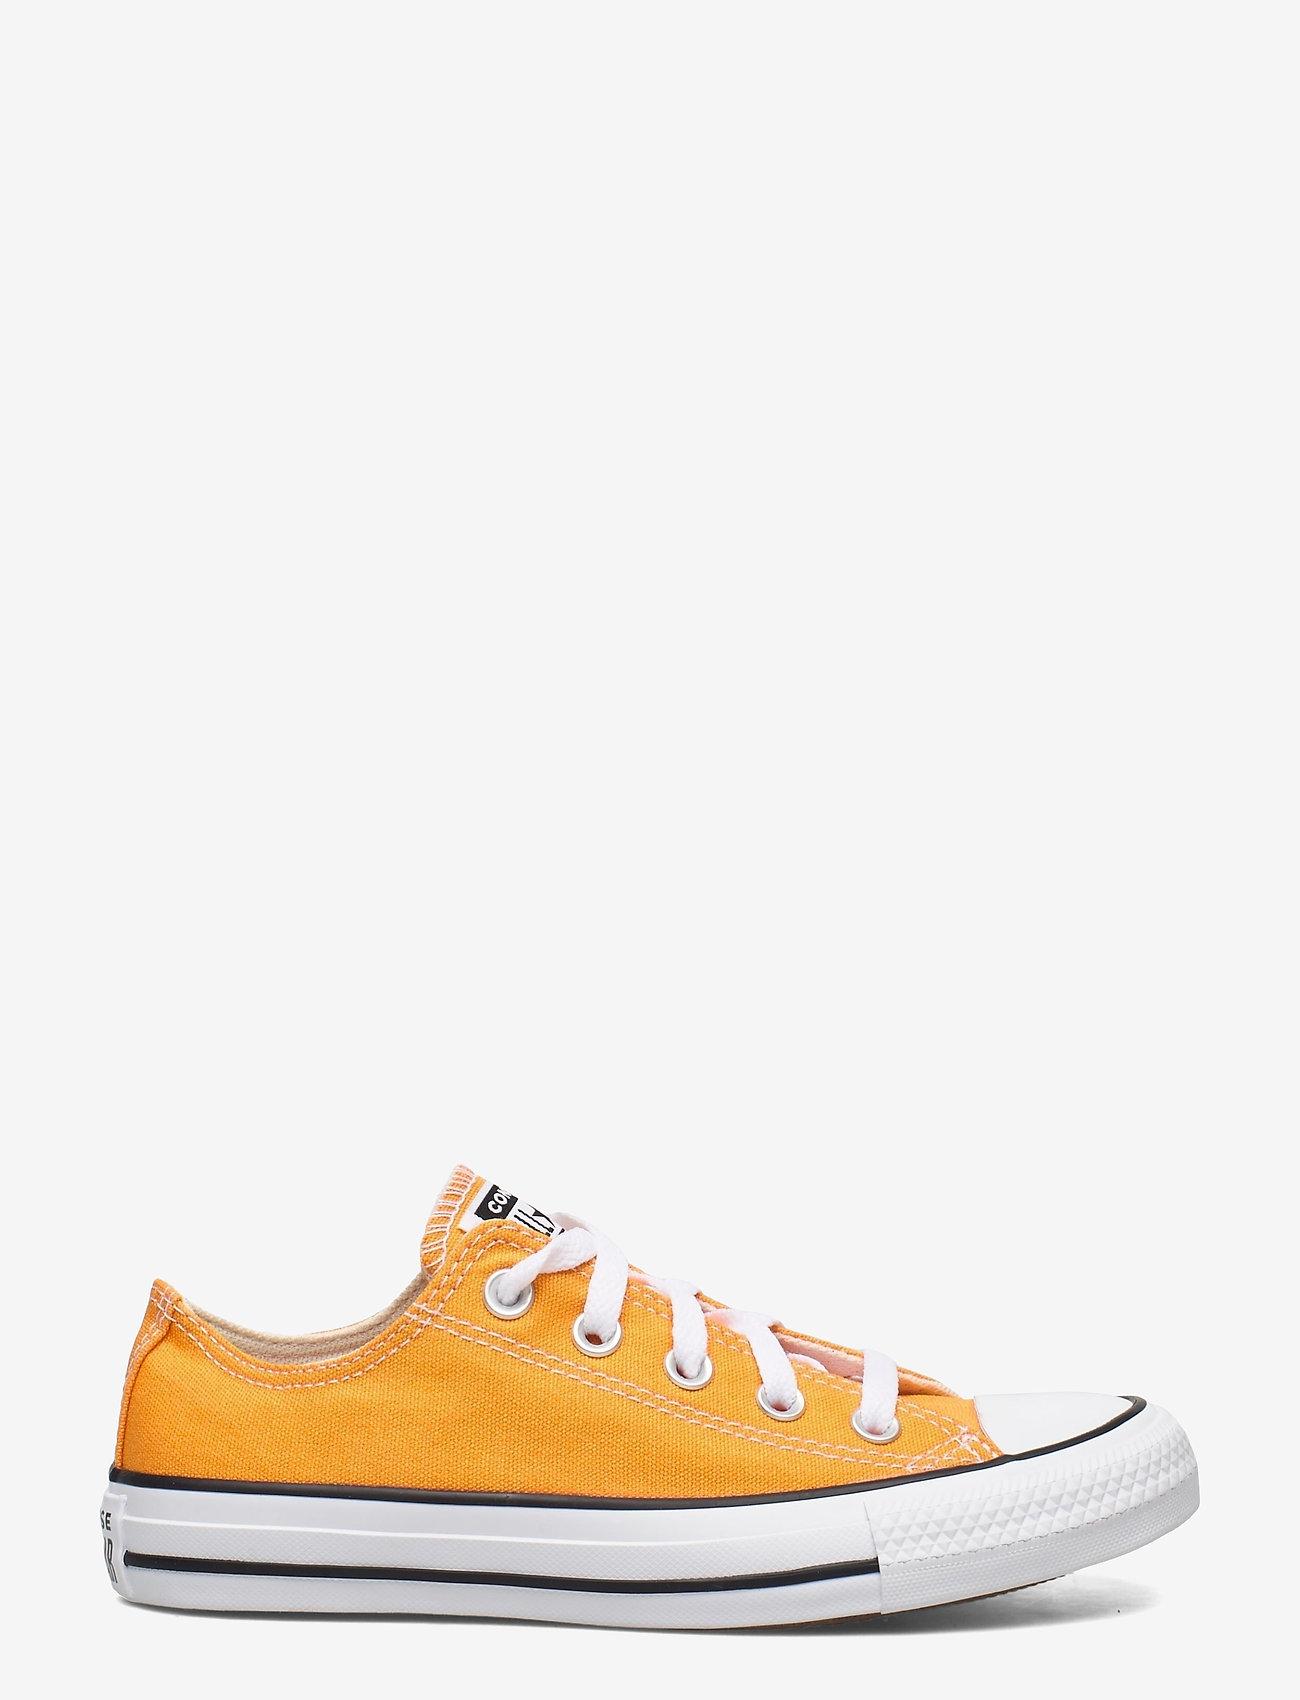 Converse - CTAS OX KUMQUAT - sneakers - kumquat - 1